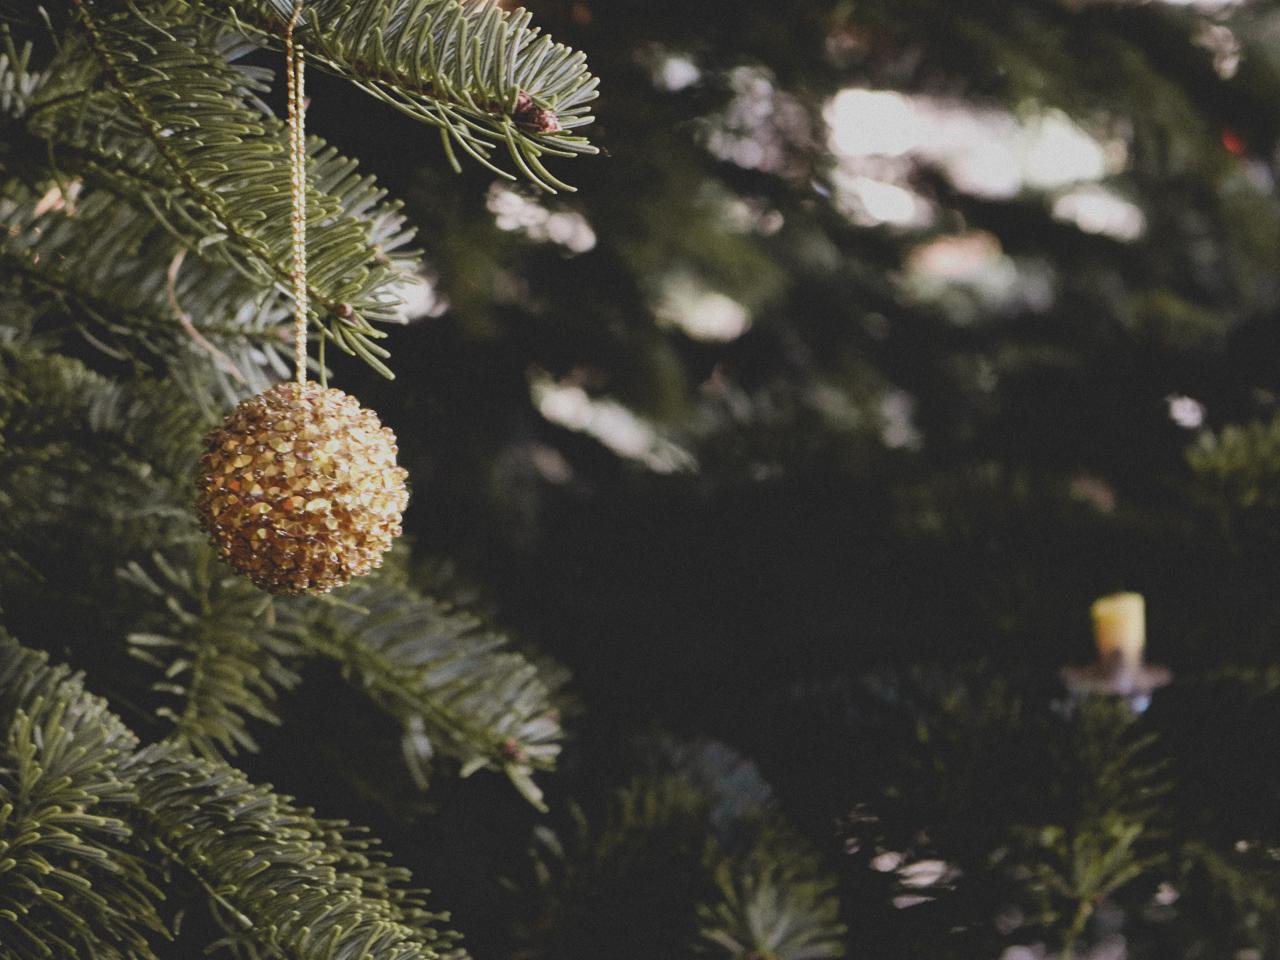 weihnachten ©laurel koeniger 2